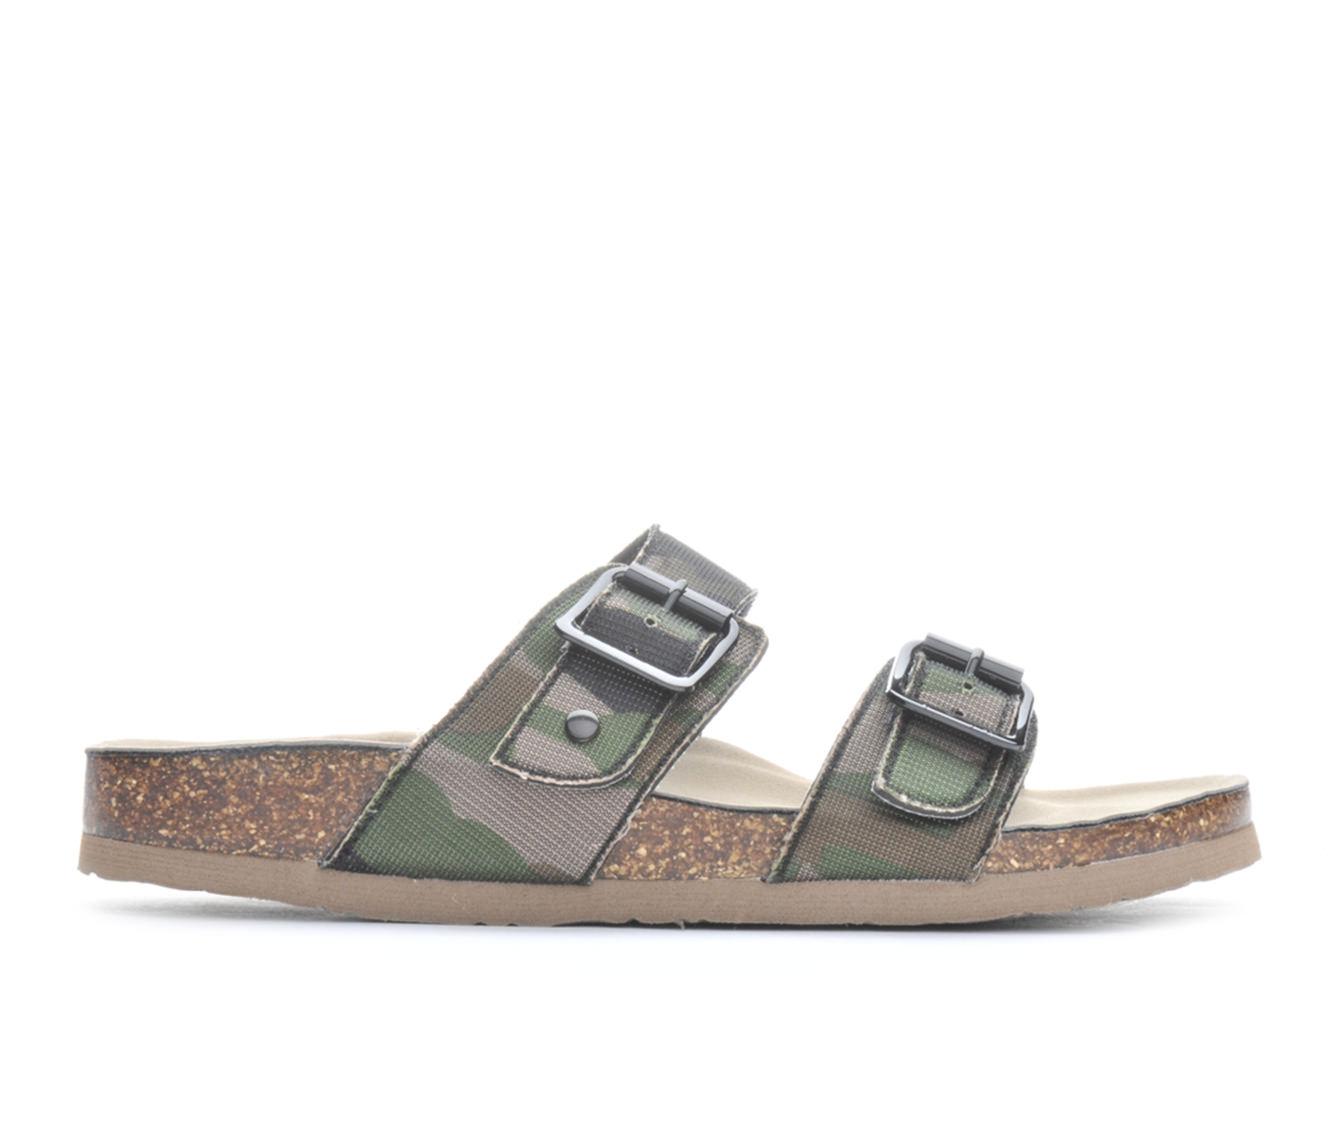 Women's Madden Girl Brando Sandals (Green)